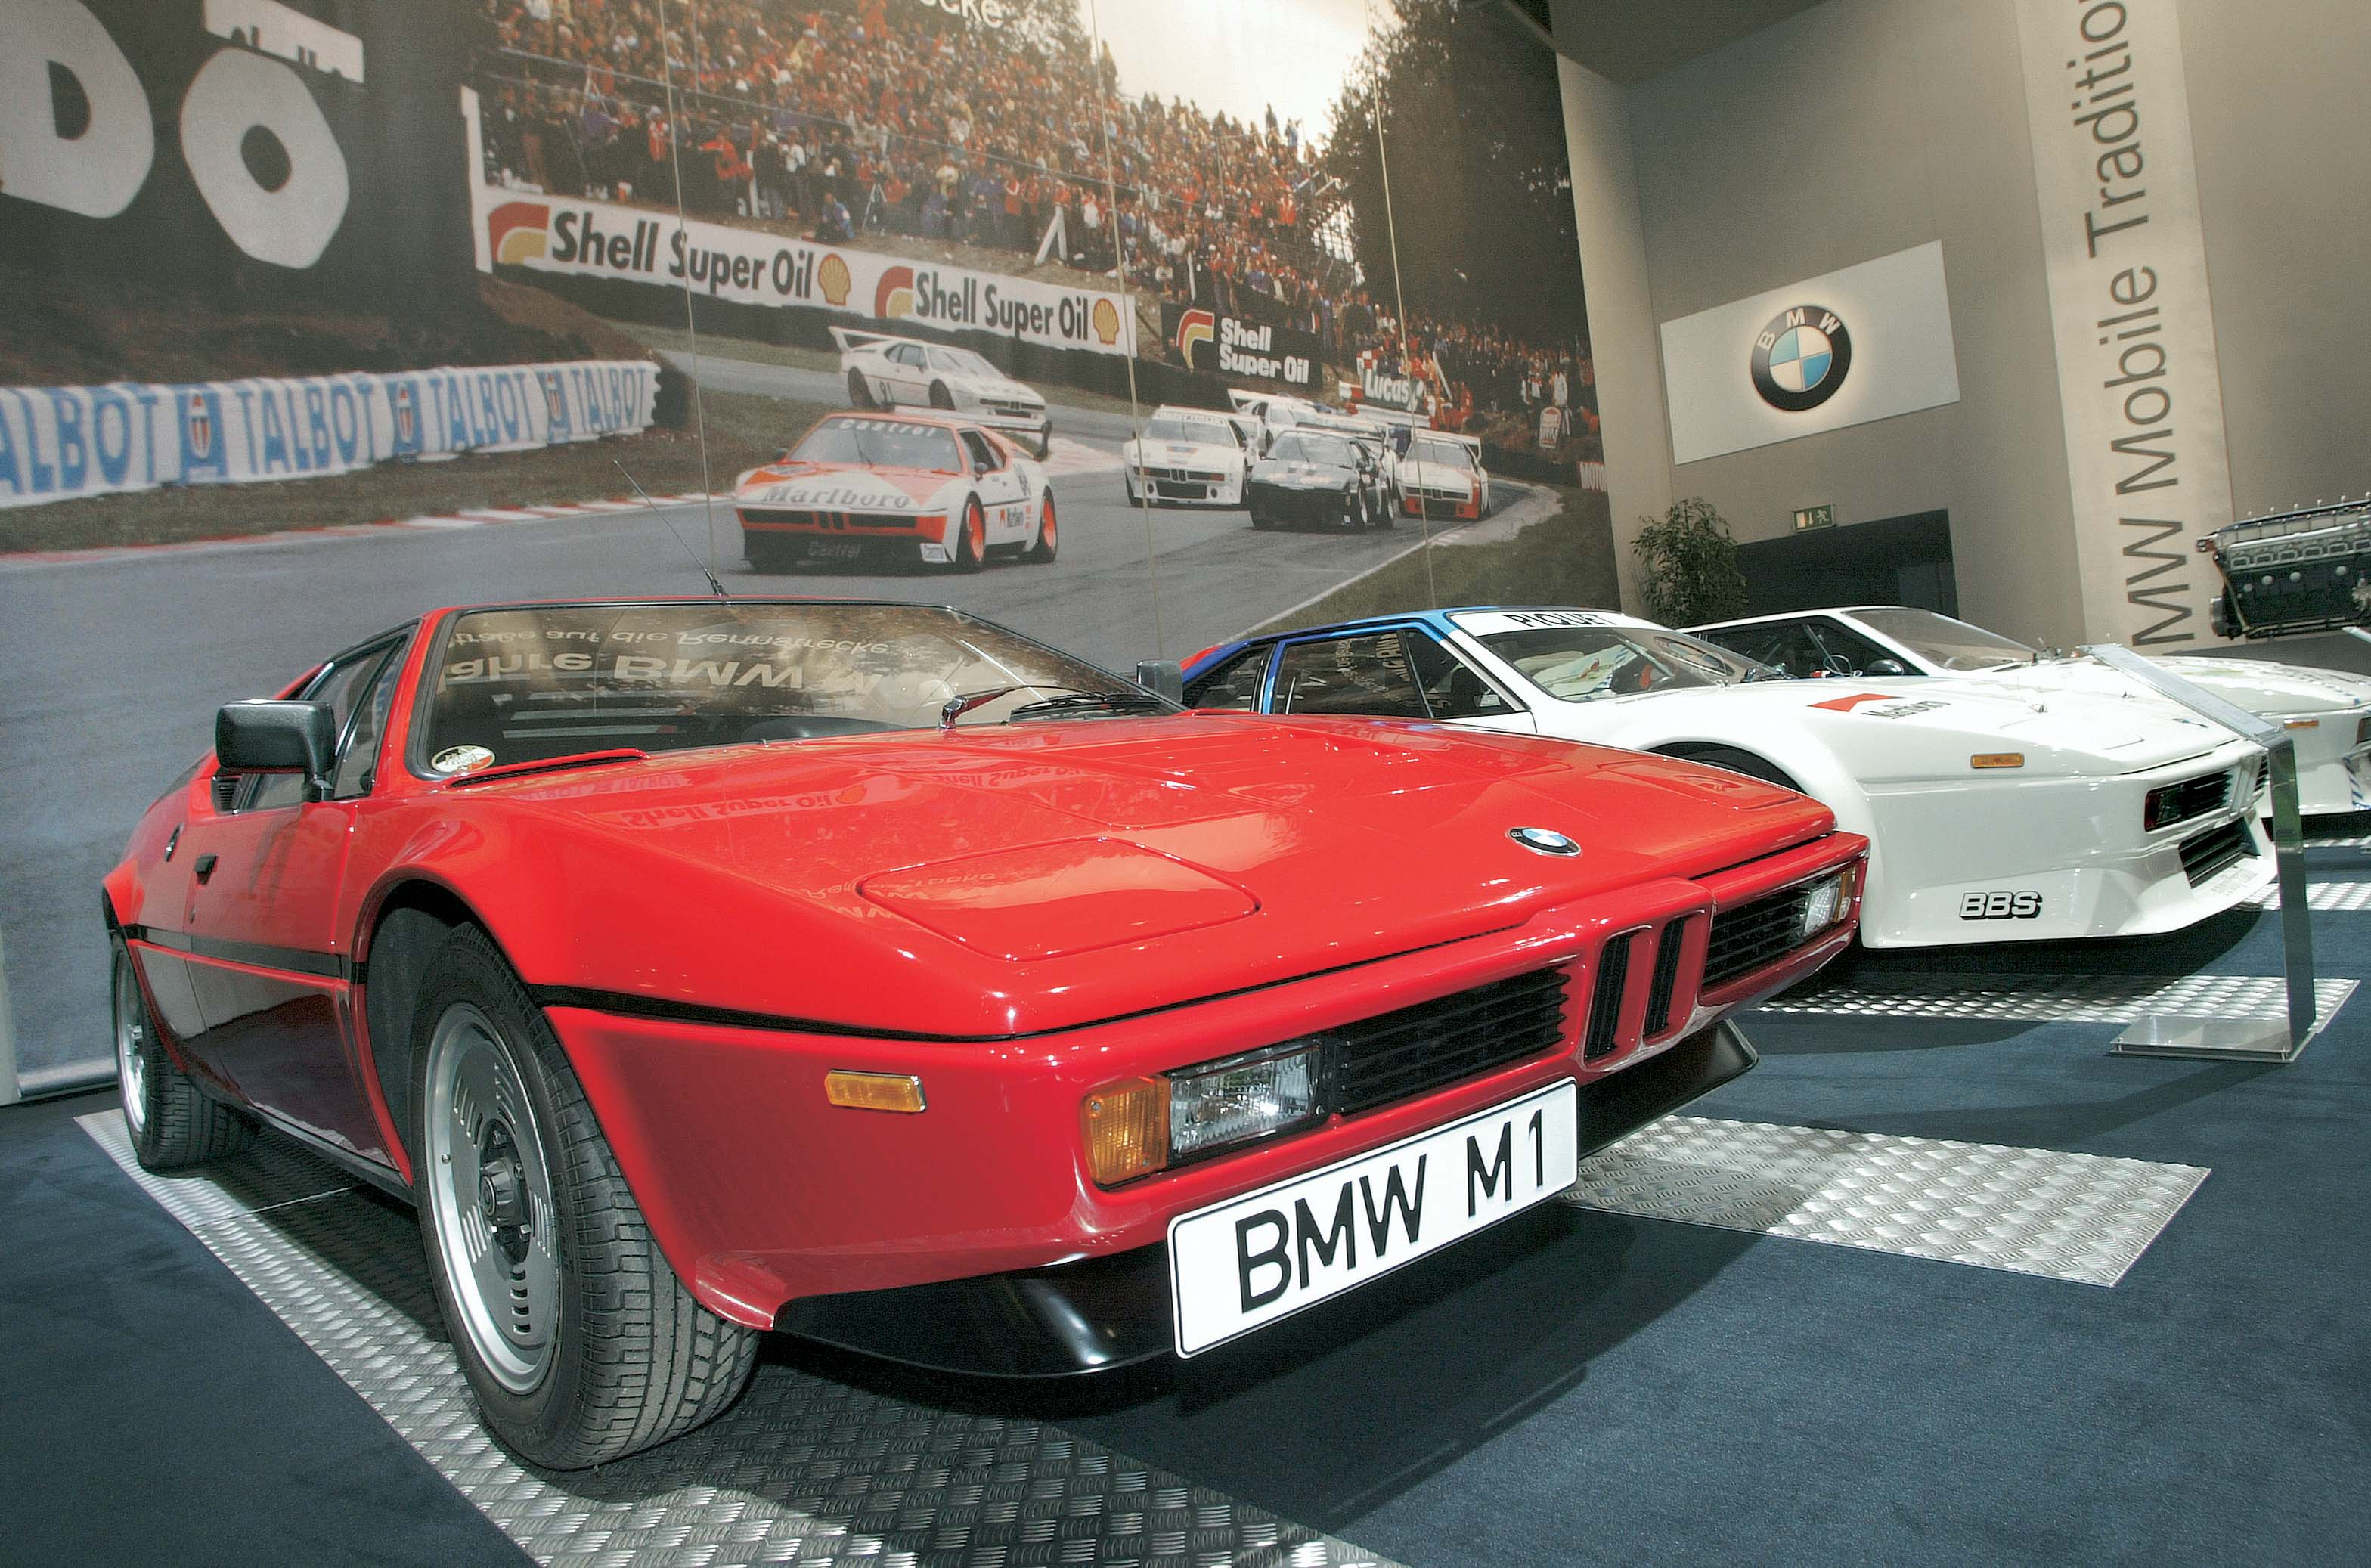 BMW M1 museum exhibit